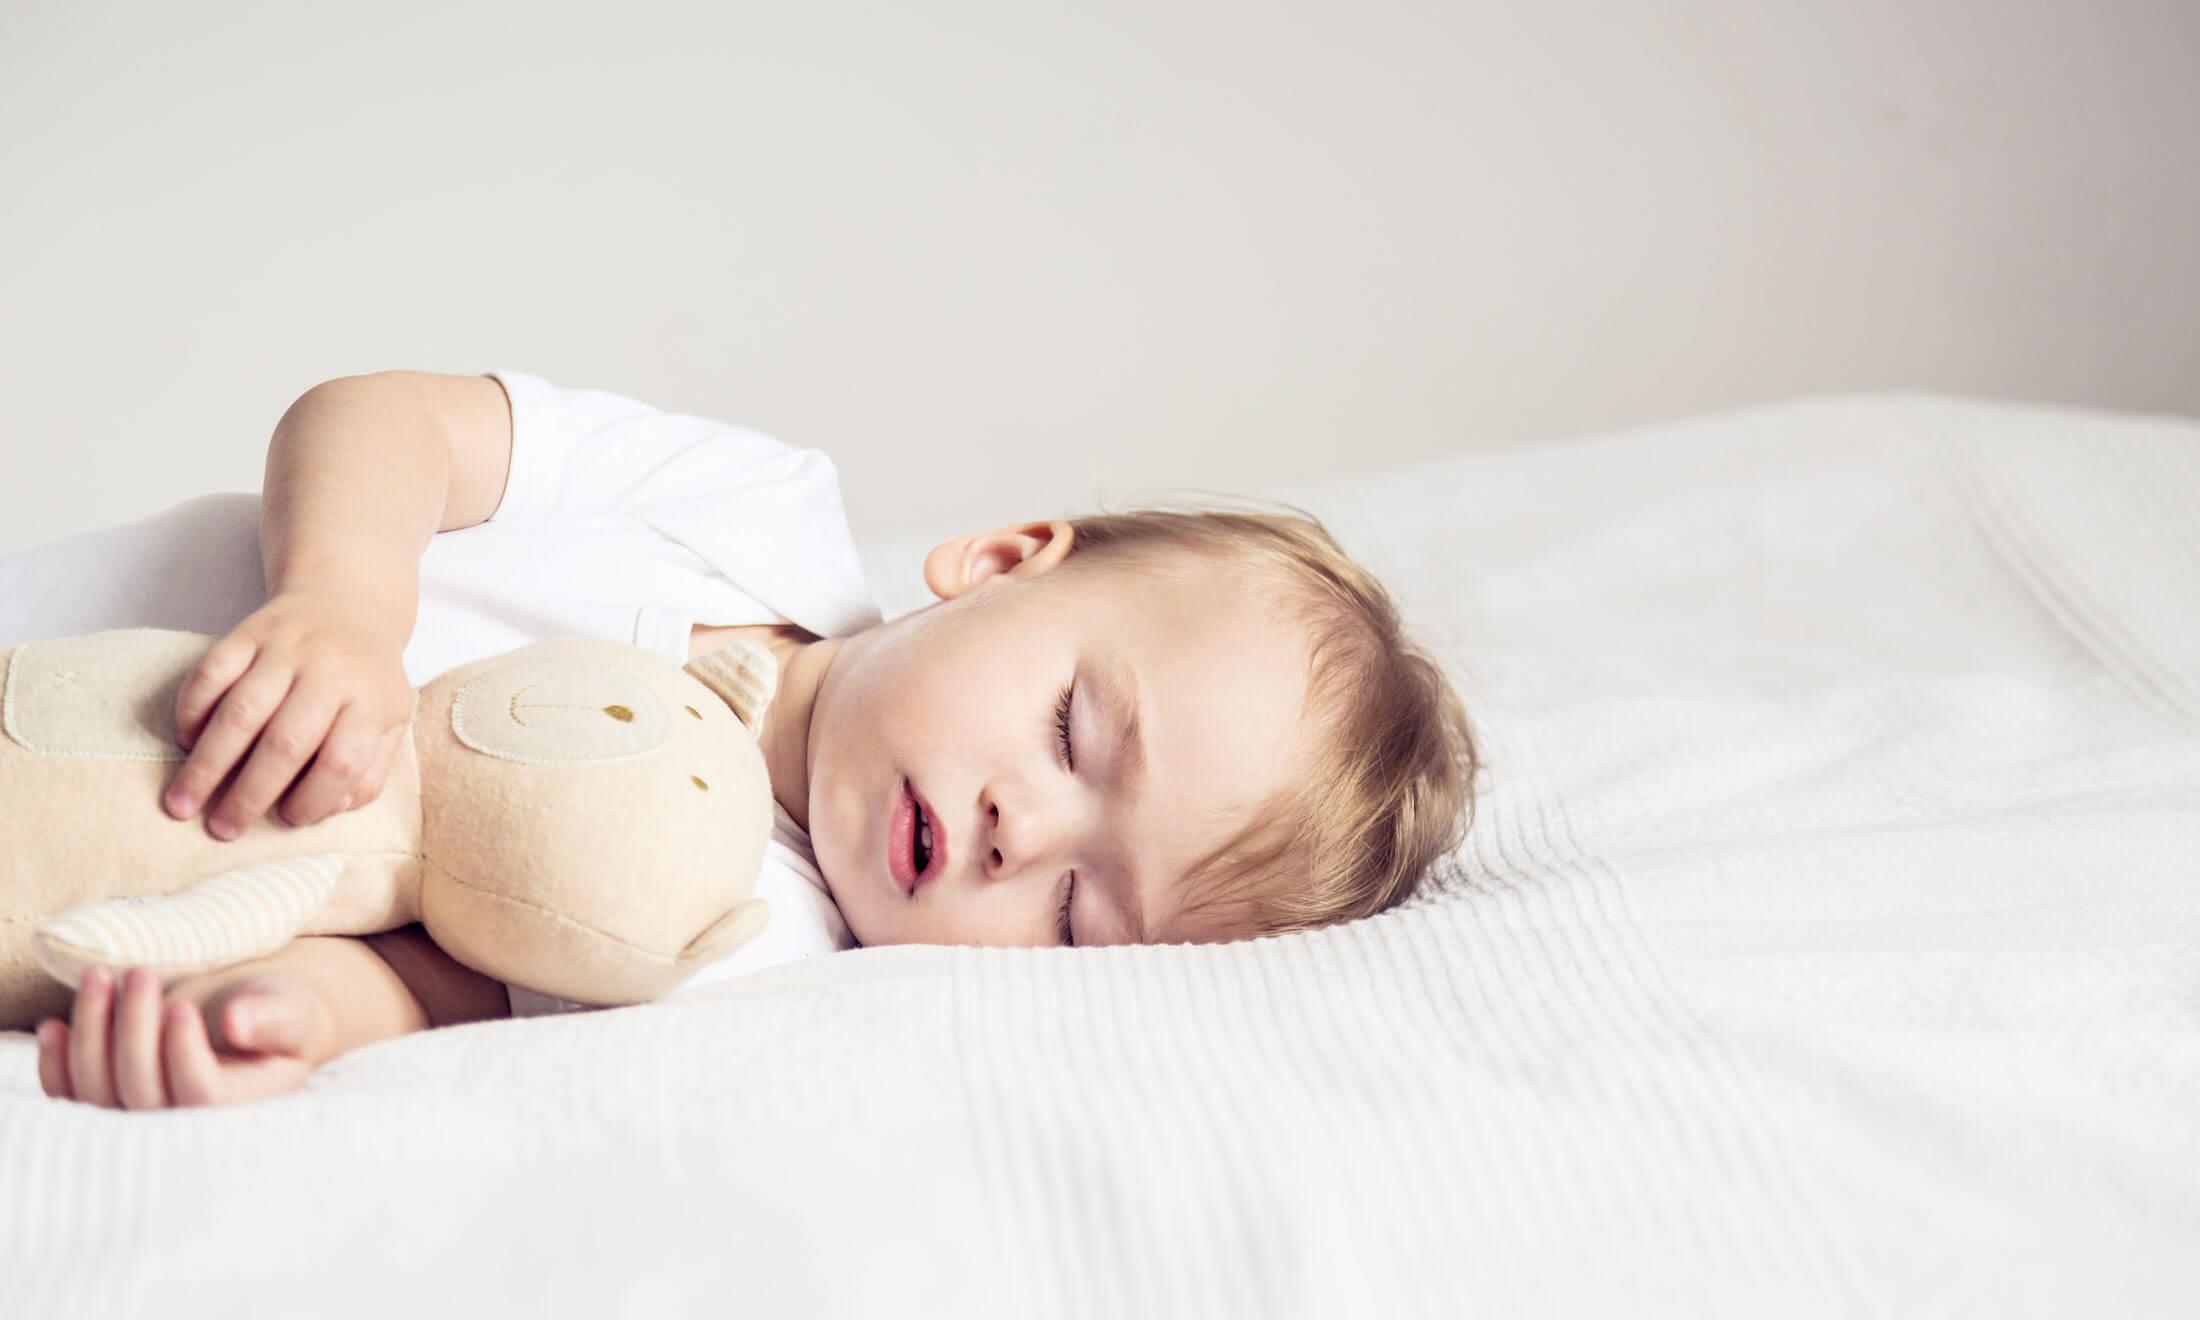 Родителей должно насторожить, если ребенок кашляет, когда ложится спать, более 2 недель или симптом не угасает и развивается с новой силой после перенесенных инфекционных патологий.